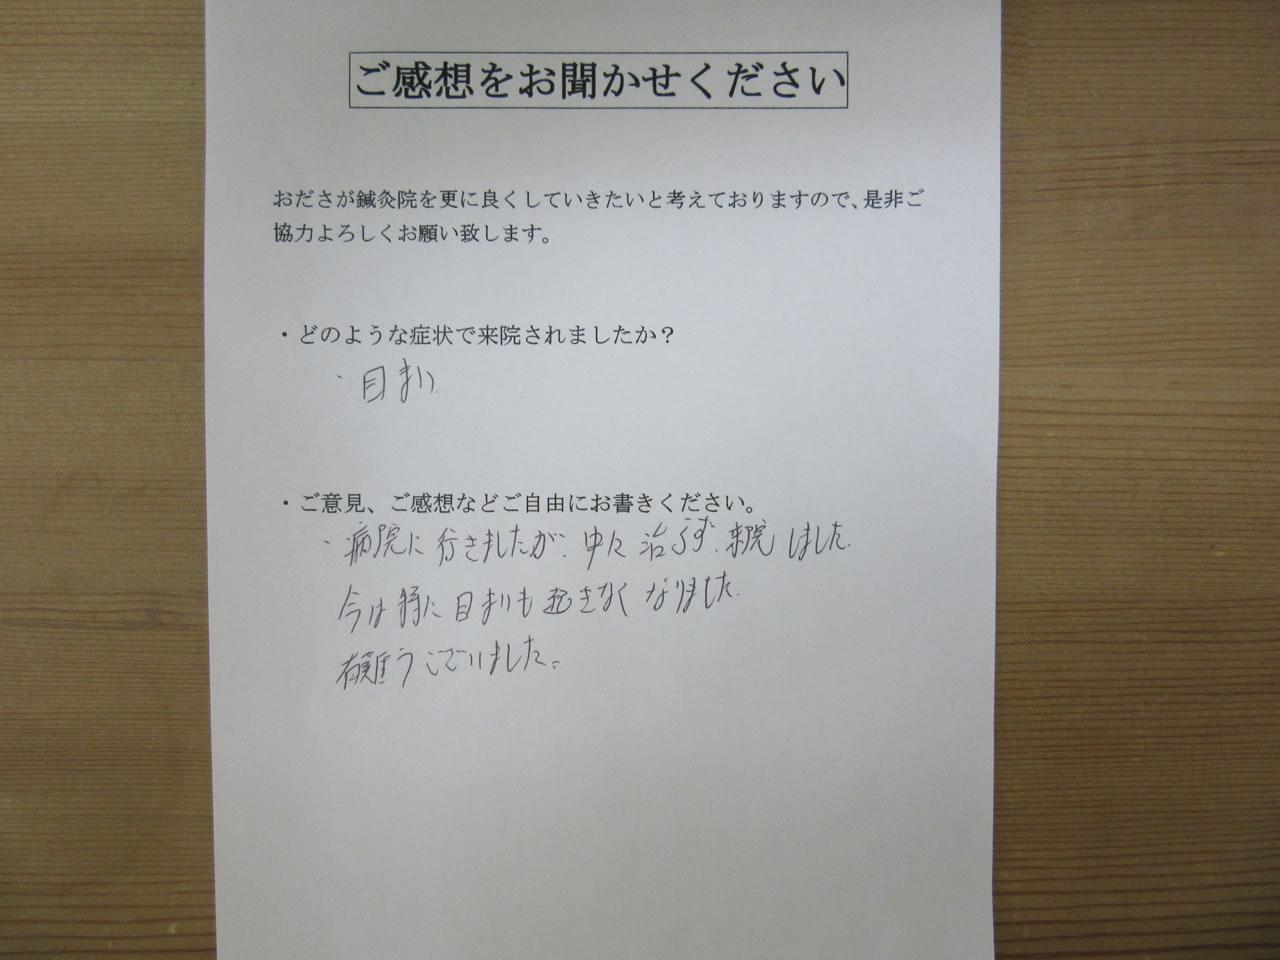 患者からの 手書き手紙 めまい